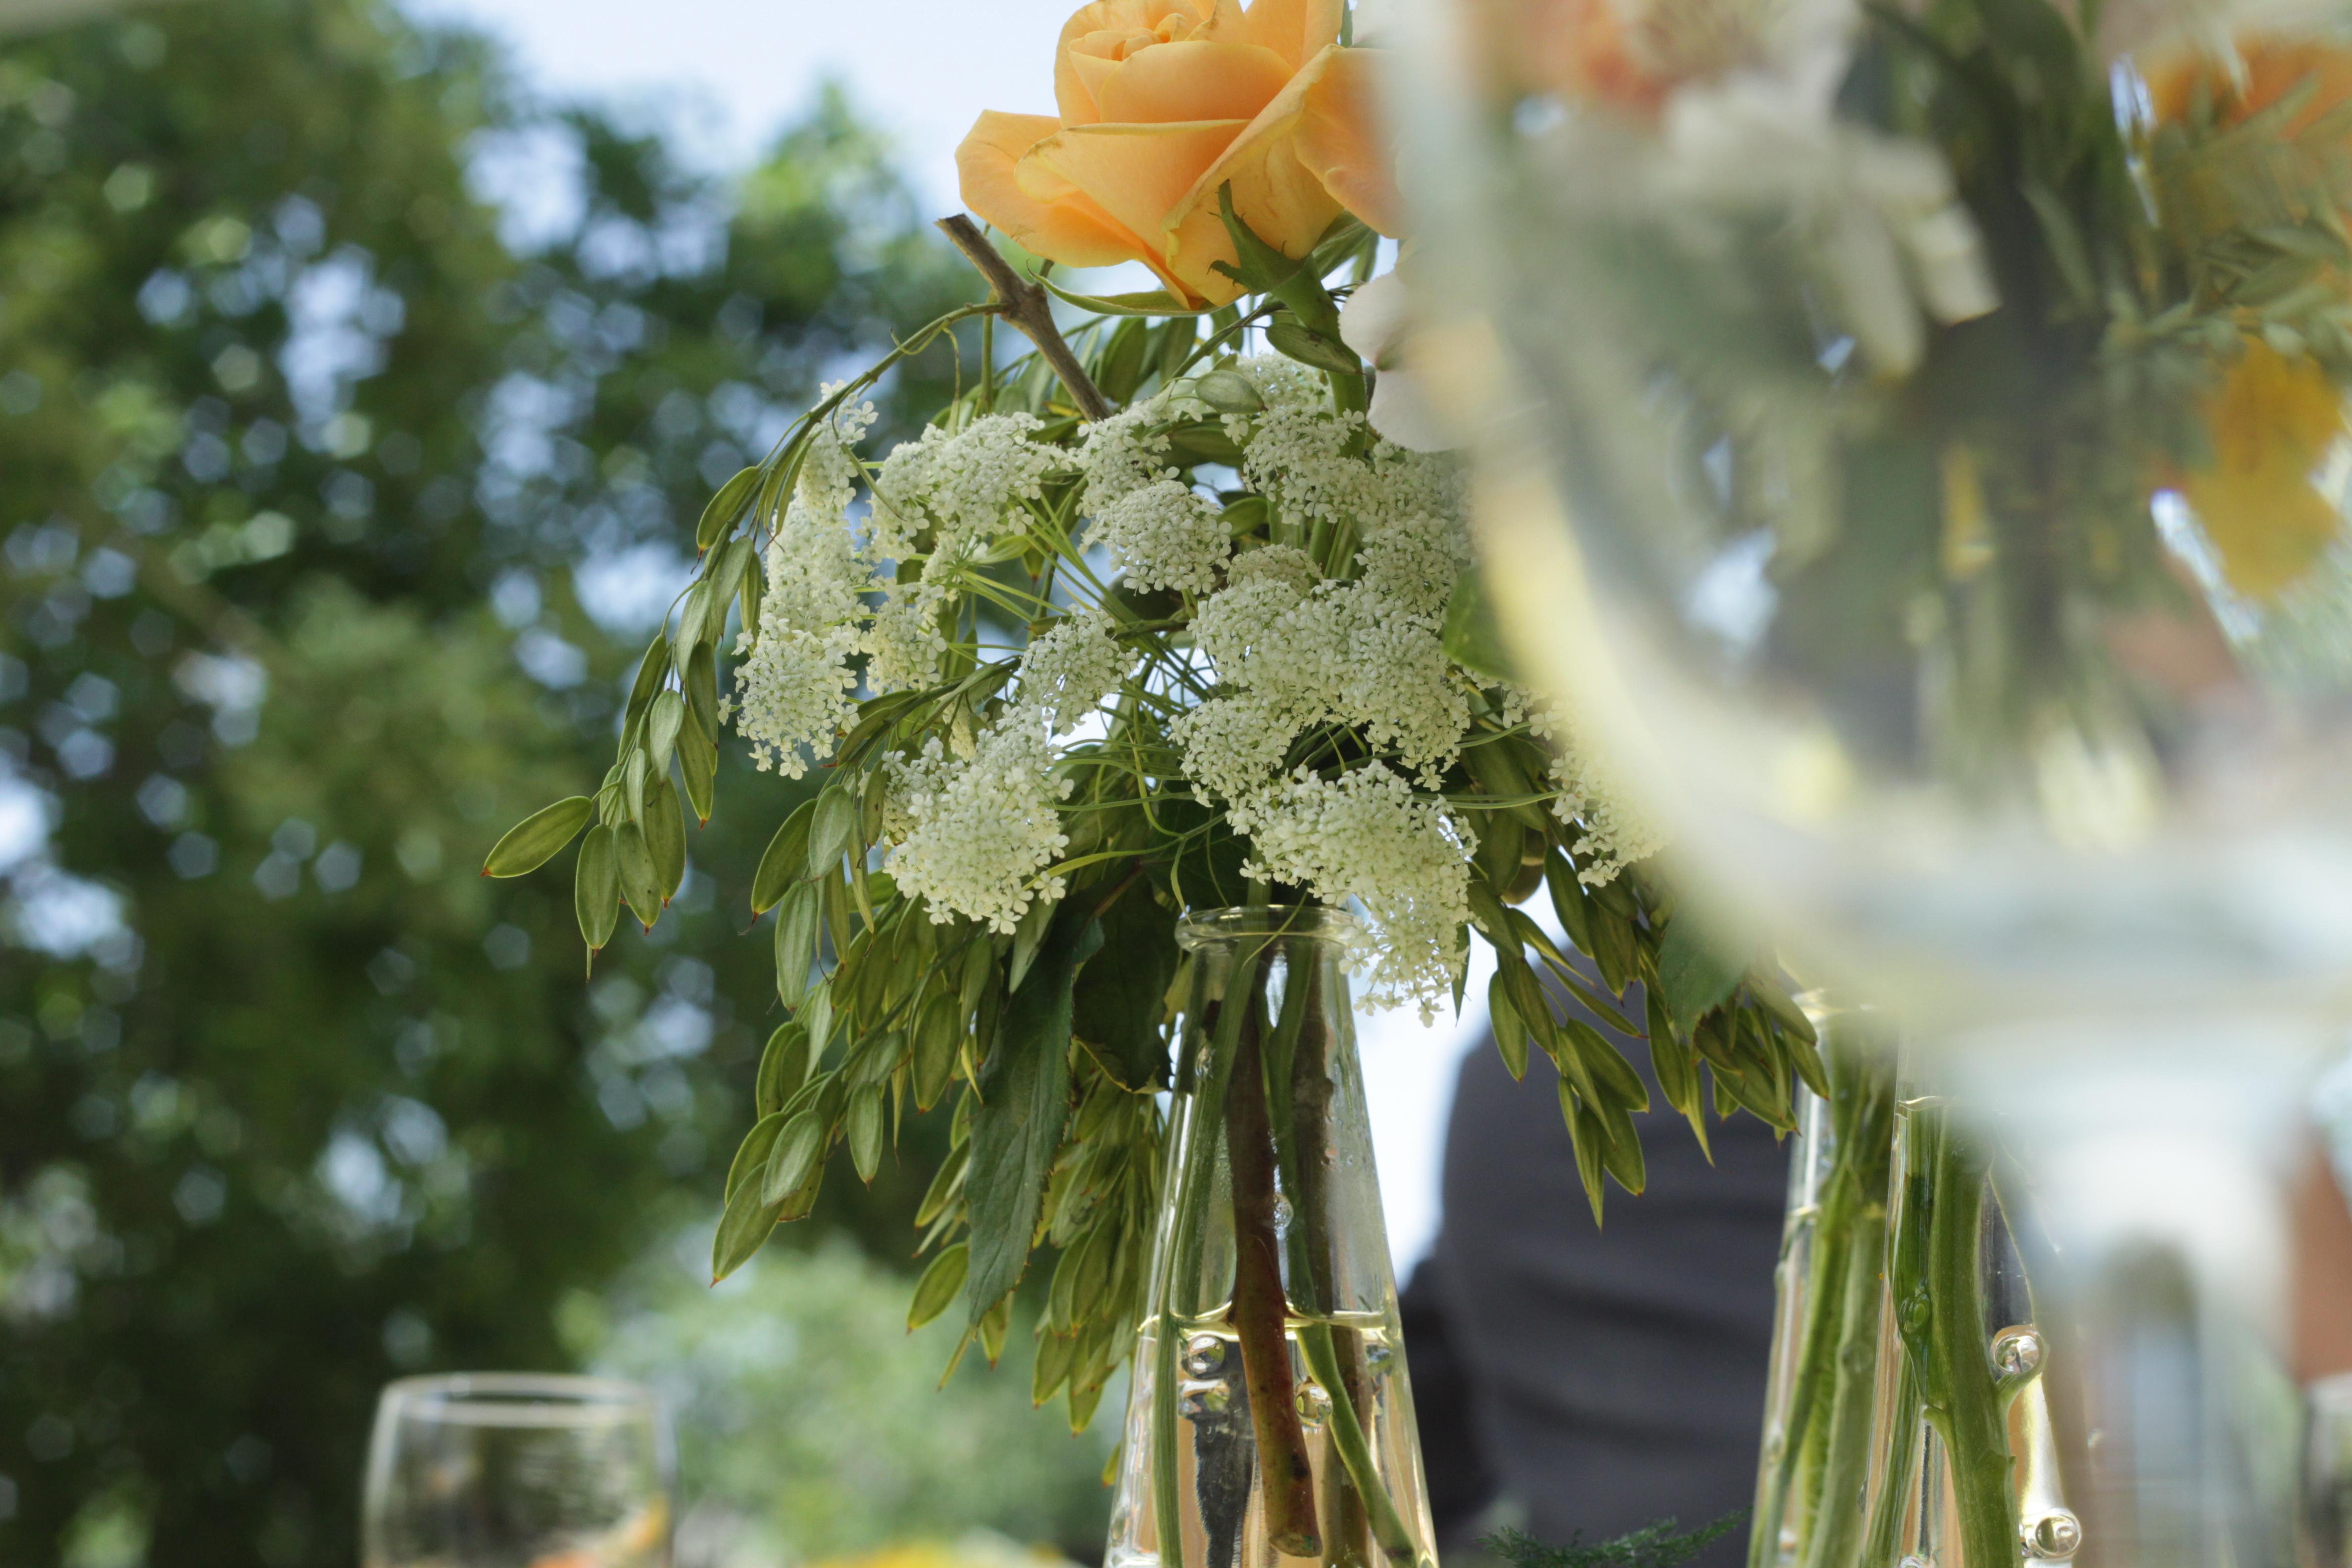 עיצוב פרחים במרכז שולחן